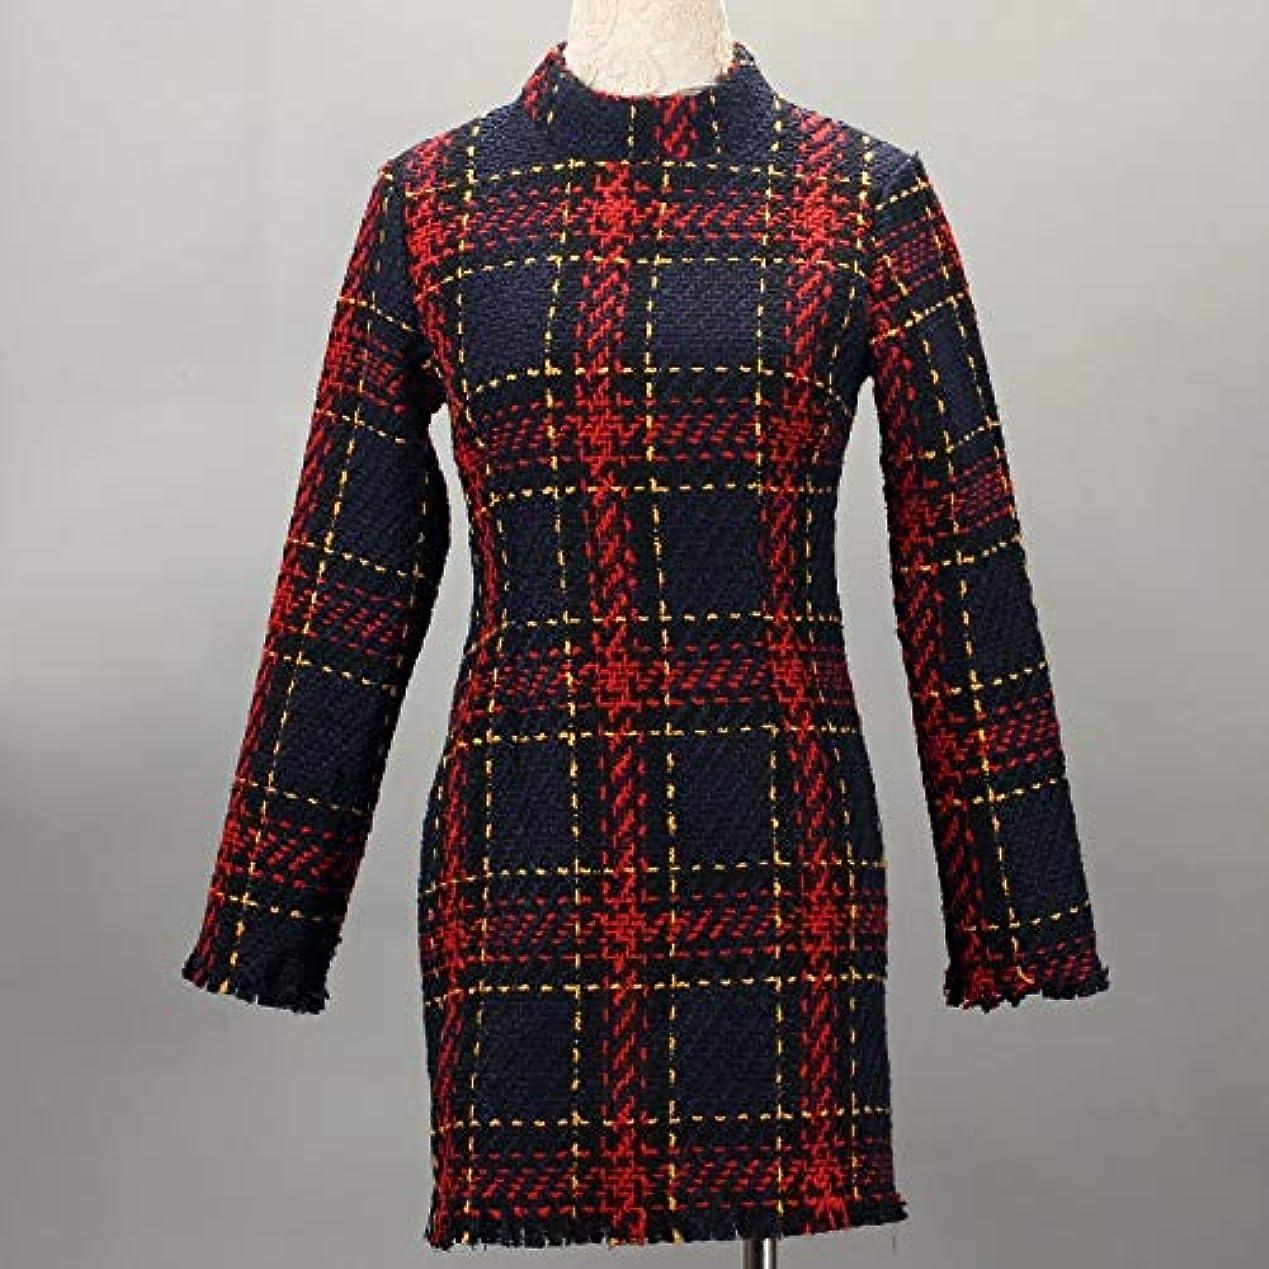 戦士軽減再びOnderroa - ファッション冬のドレスの女性は、ストライプ長袖スリムスキニーセクシーなミニボディコンヴィンテージvestidosドレスの女性を印刷PLAID